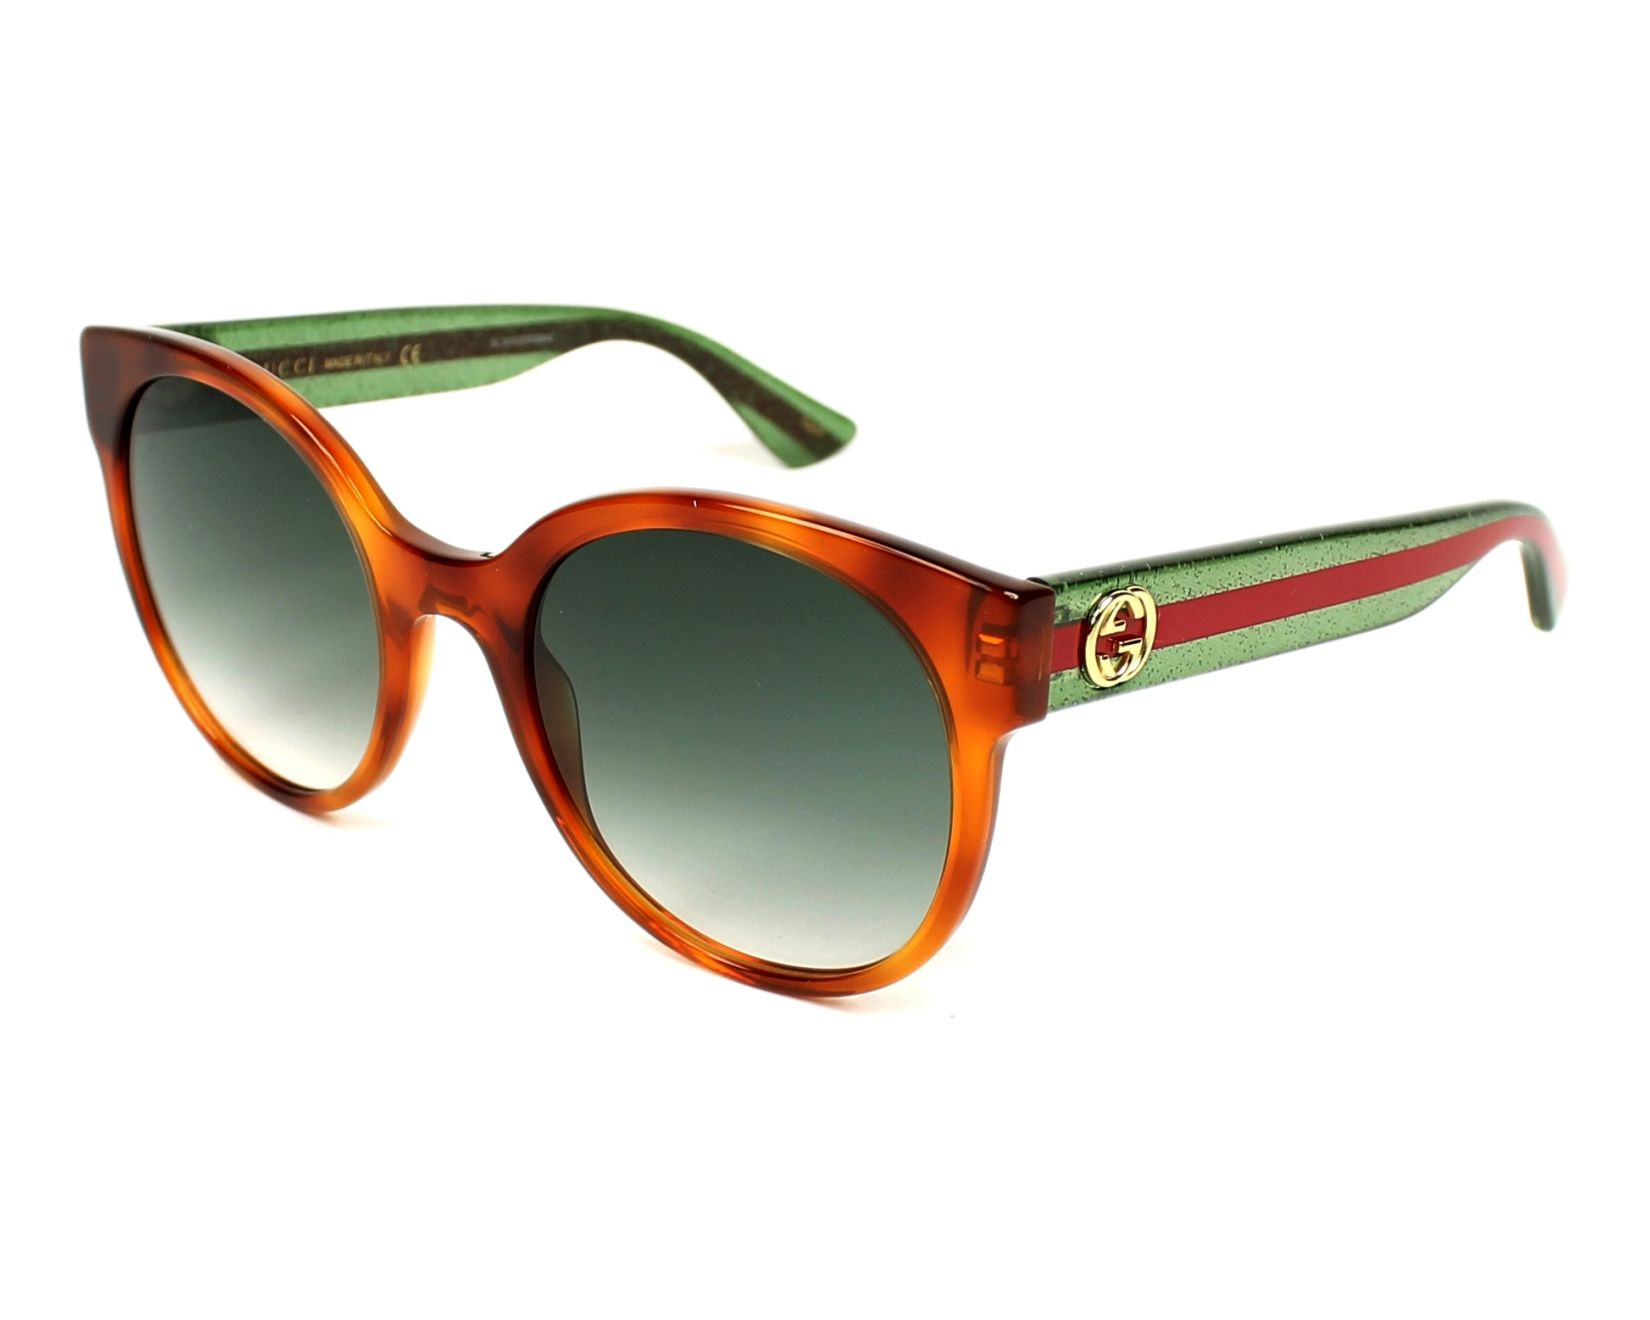 458f3b15e9 Sunglasses Gucci GG-0035-S 003 - Havana Green profile view